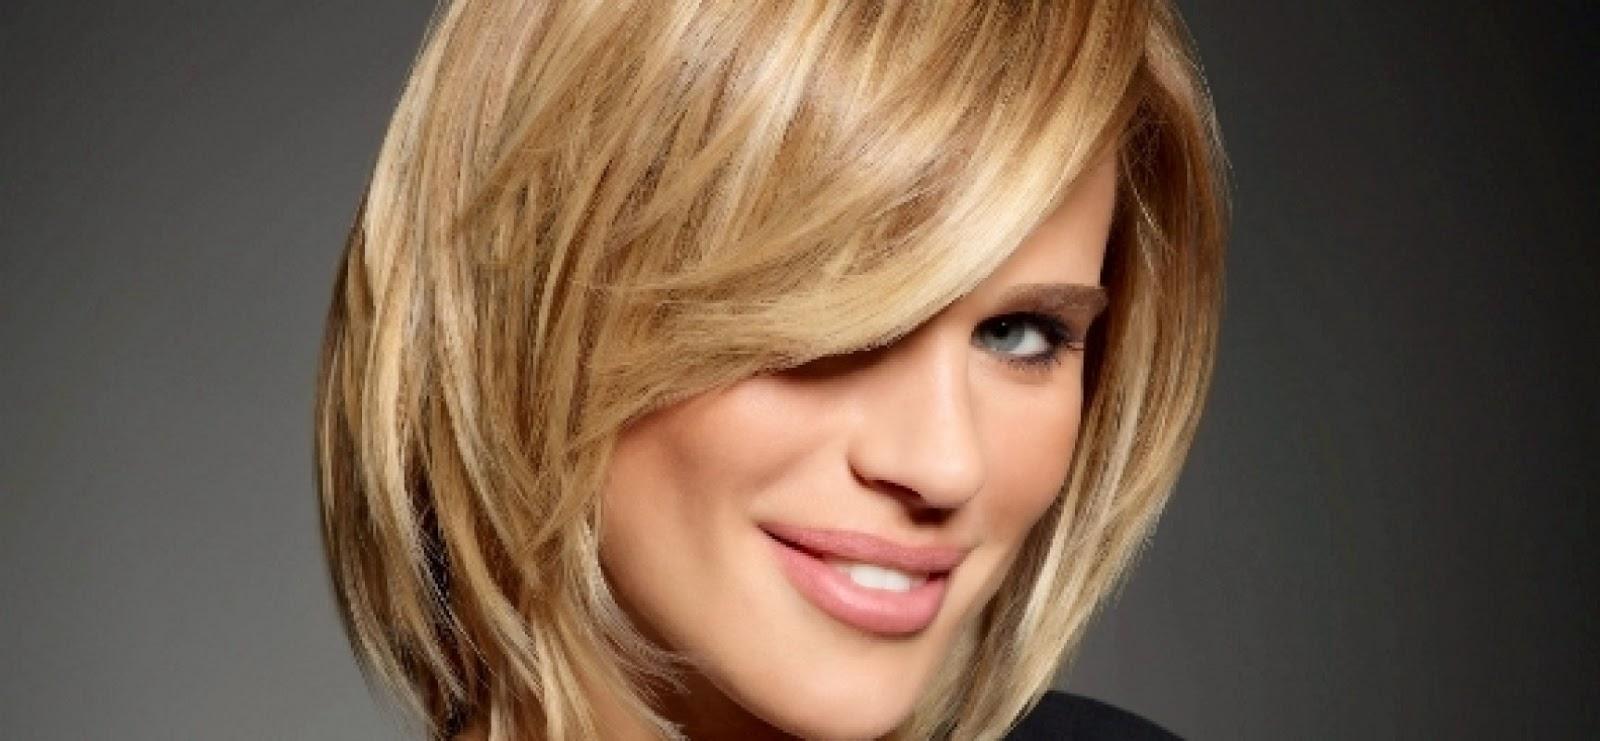 Taglio capelli donne 2015 medio